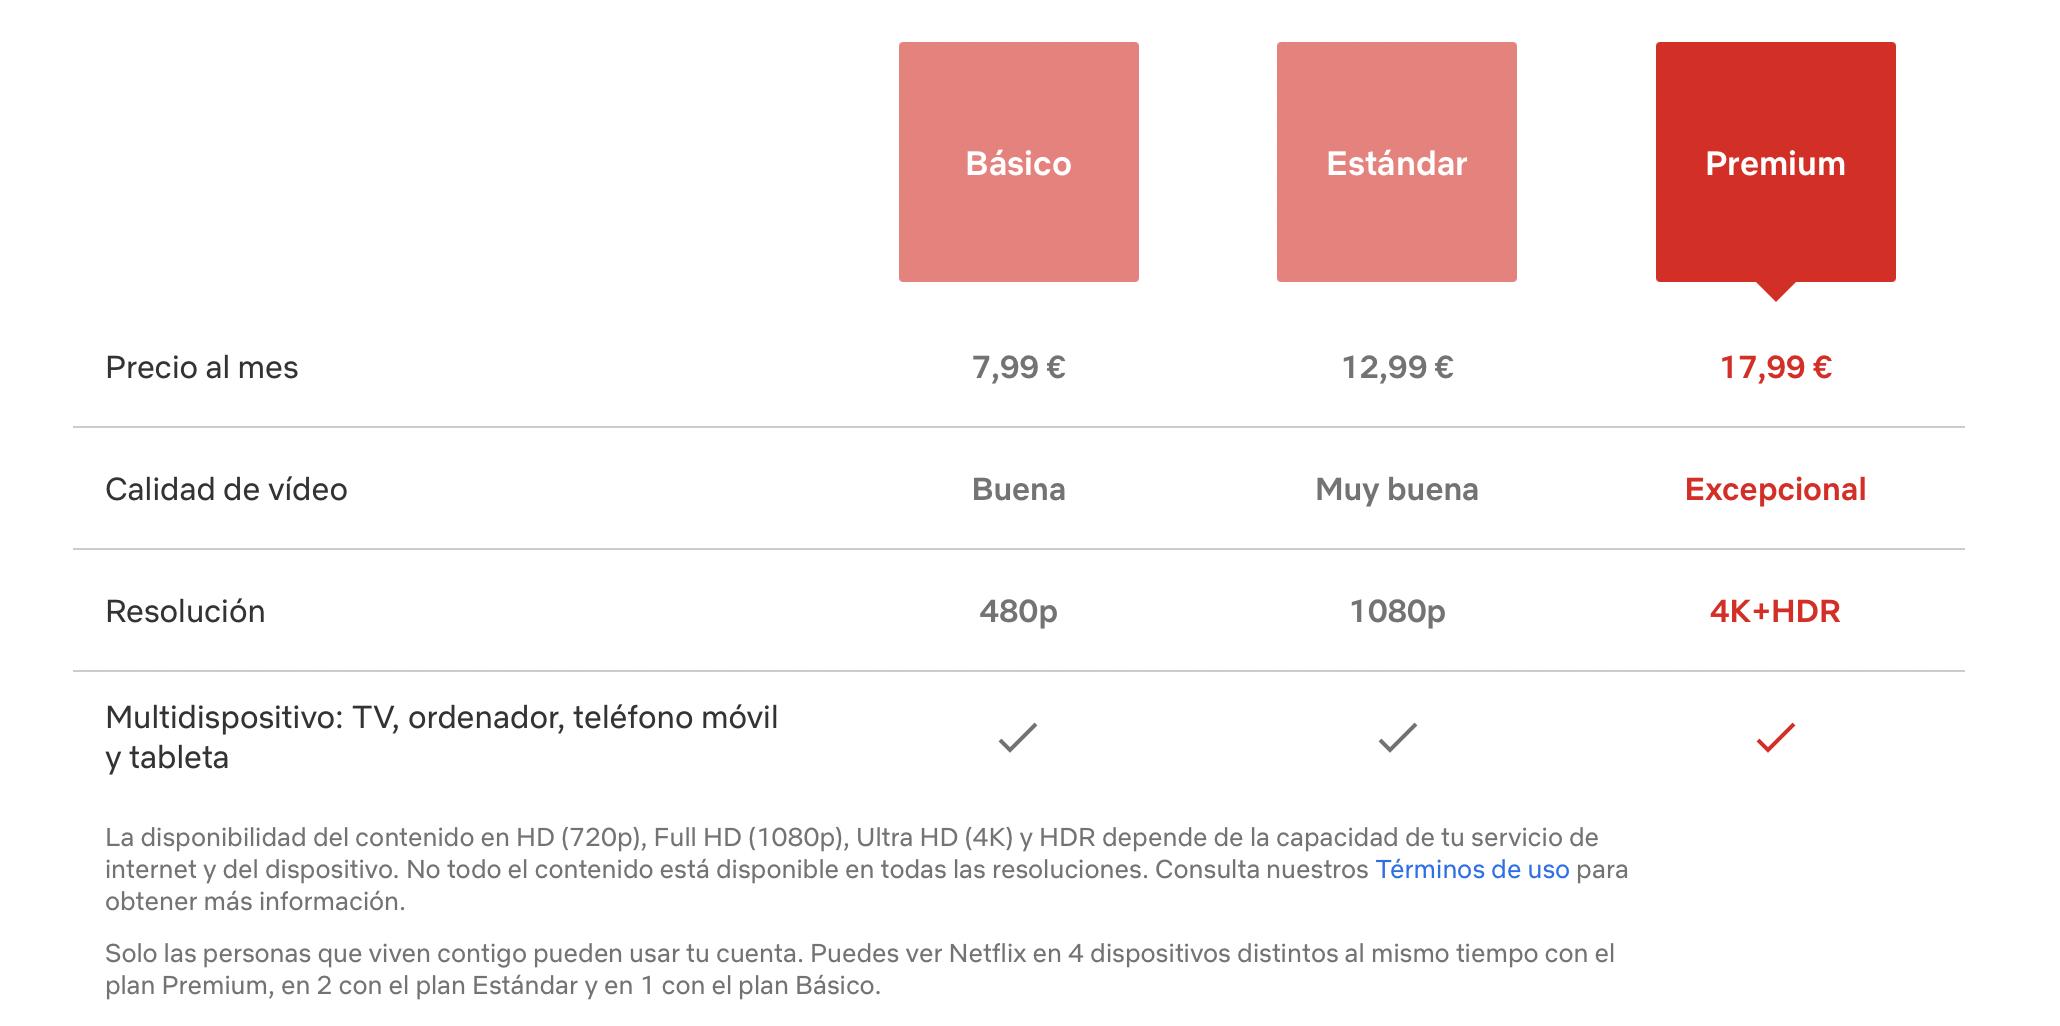 Netflix sube los precios en España: Estas son sus nuevas tarifas • En tu pantalla